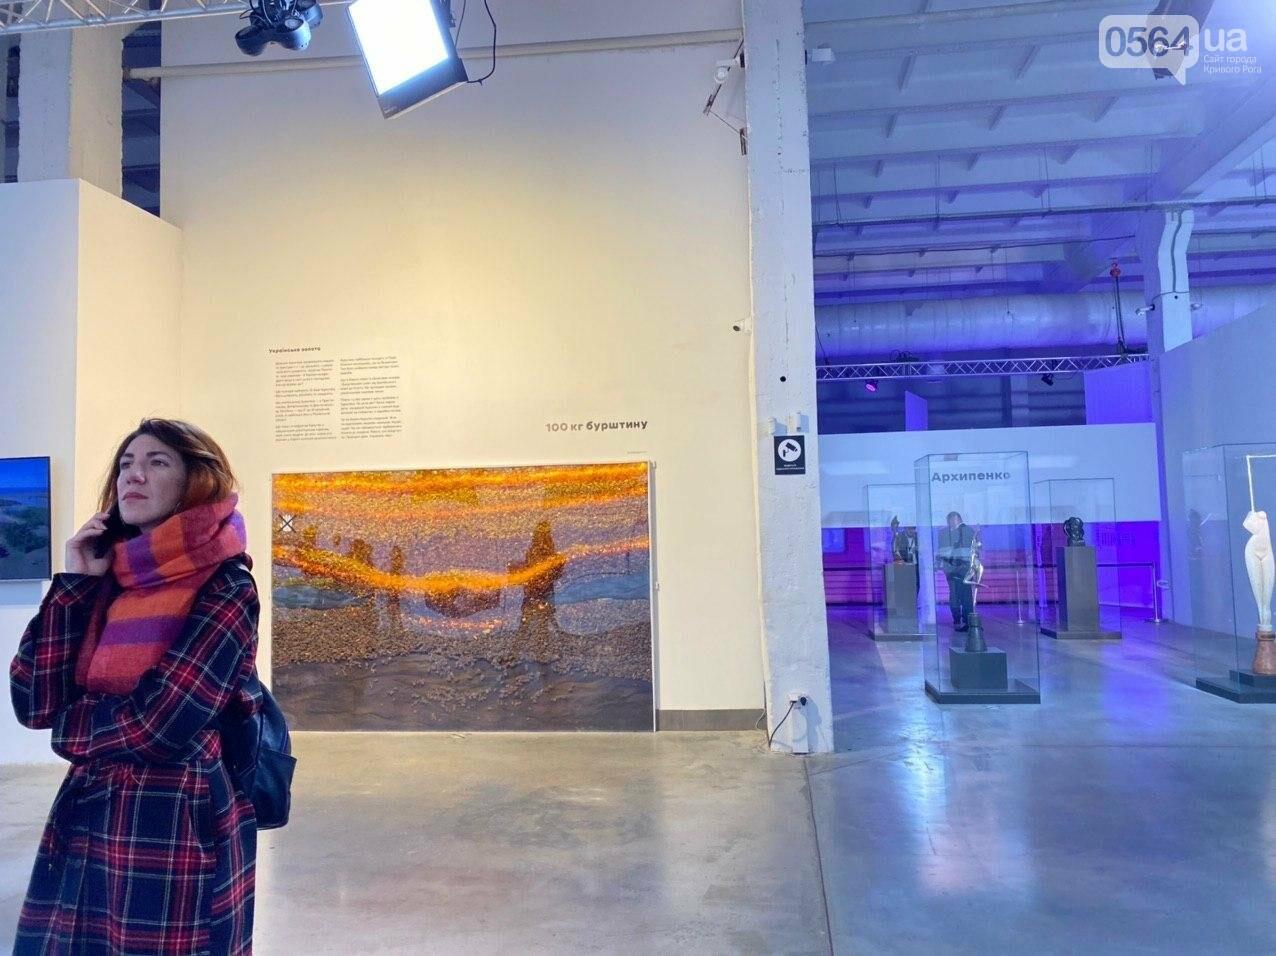 Ukraine WOW: что можно было узнать о Кривом Роге на интерактивной выставке, - ФОТО , фото-82